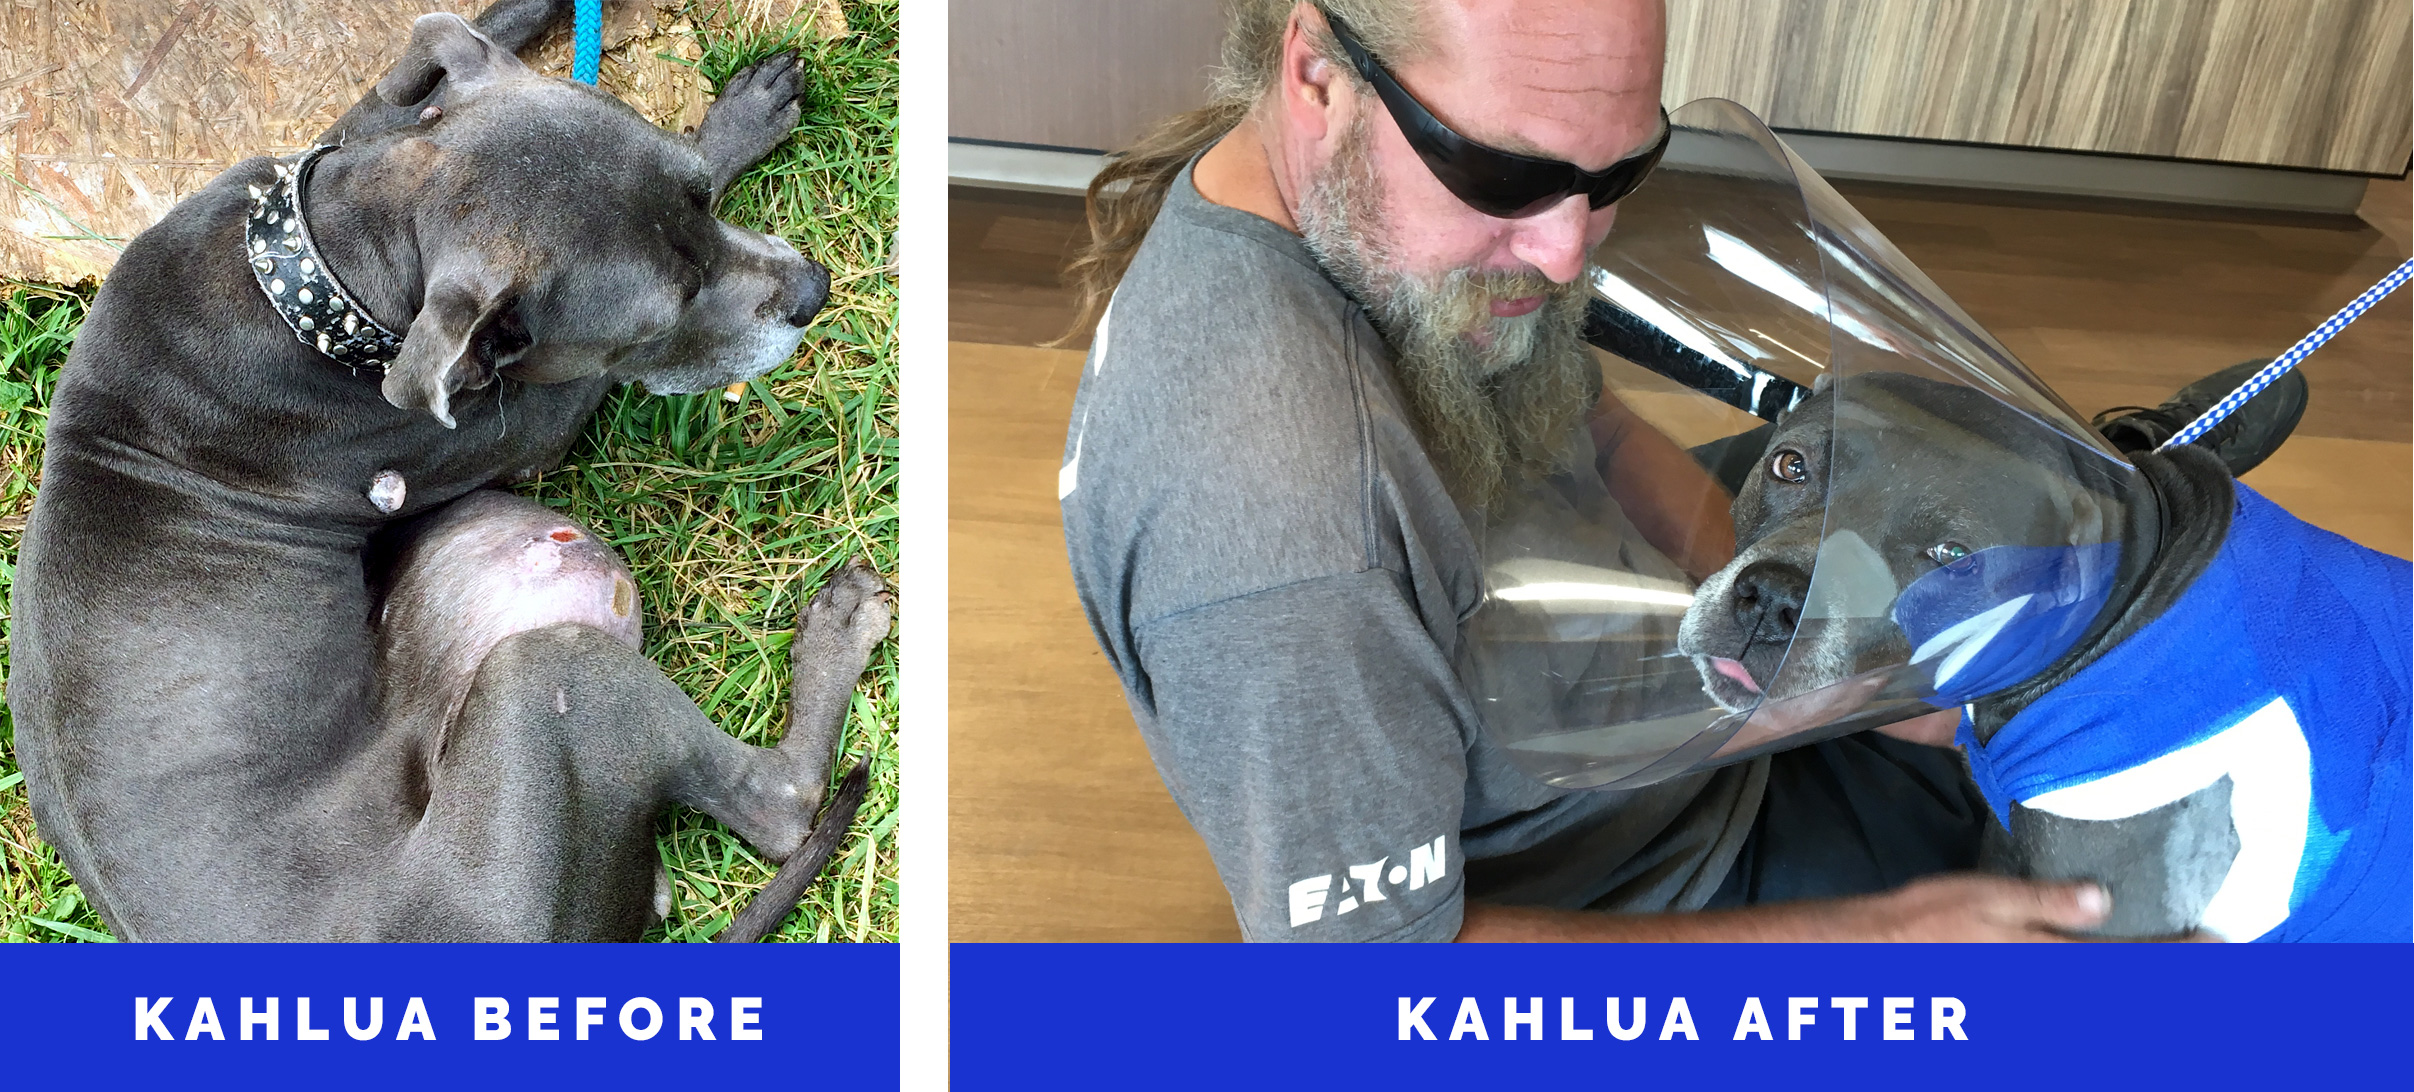 ba-kahlua-01